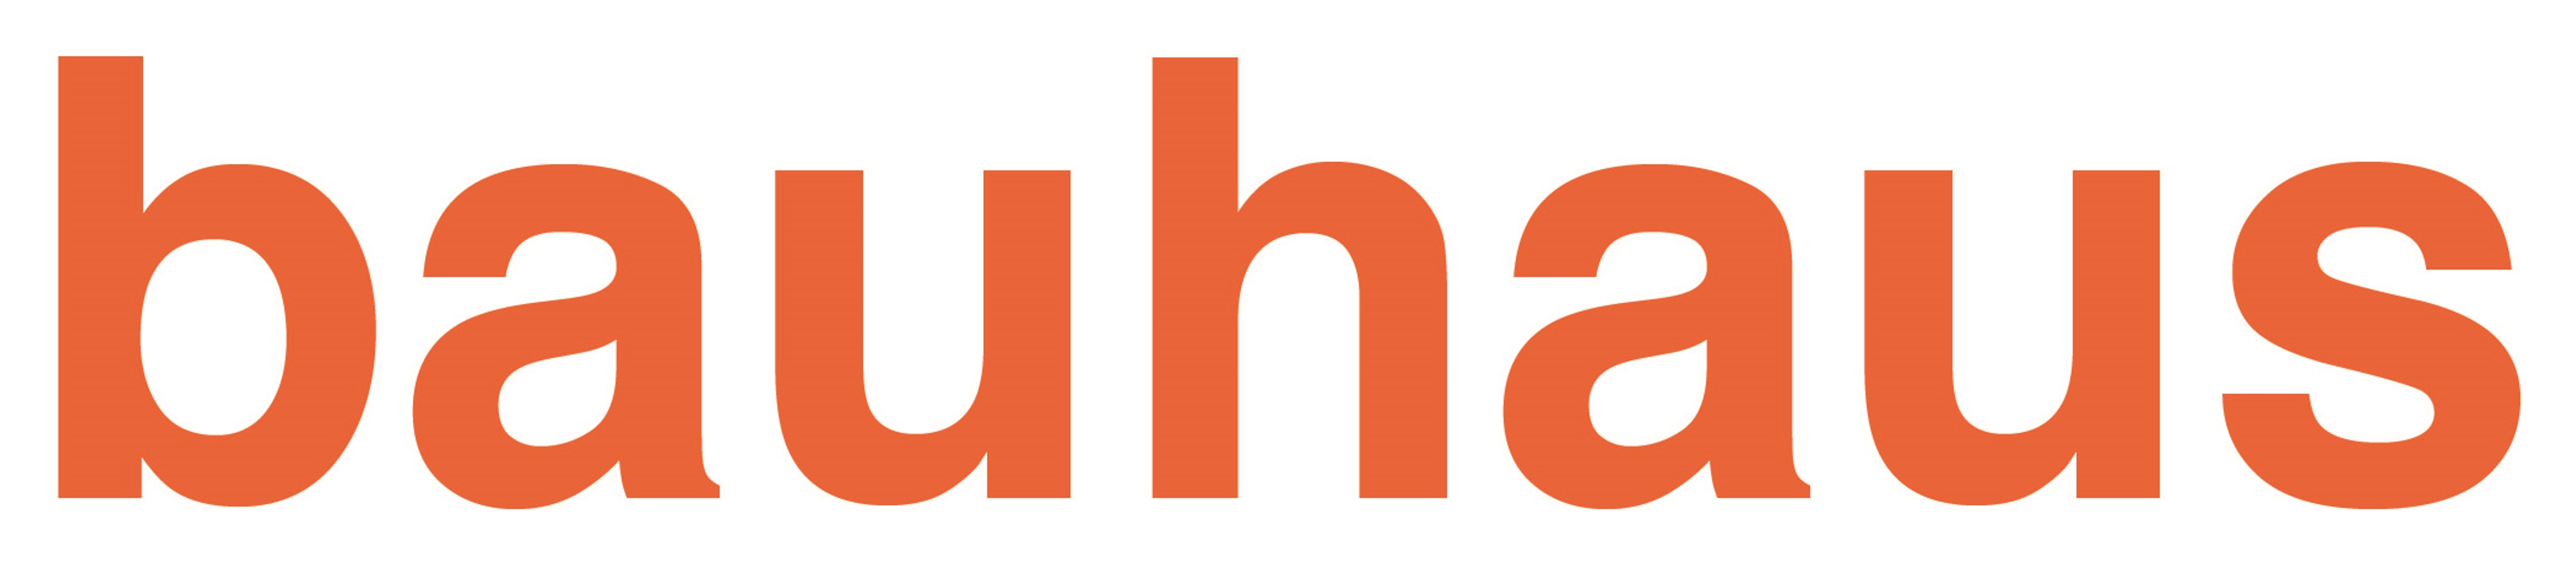 2021 Golf - Bauhaus logo